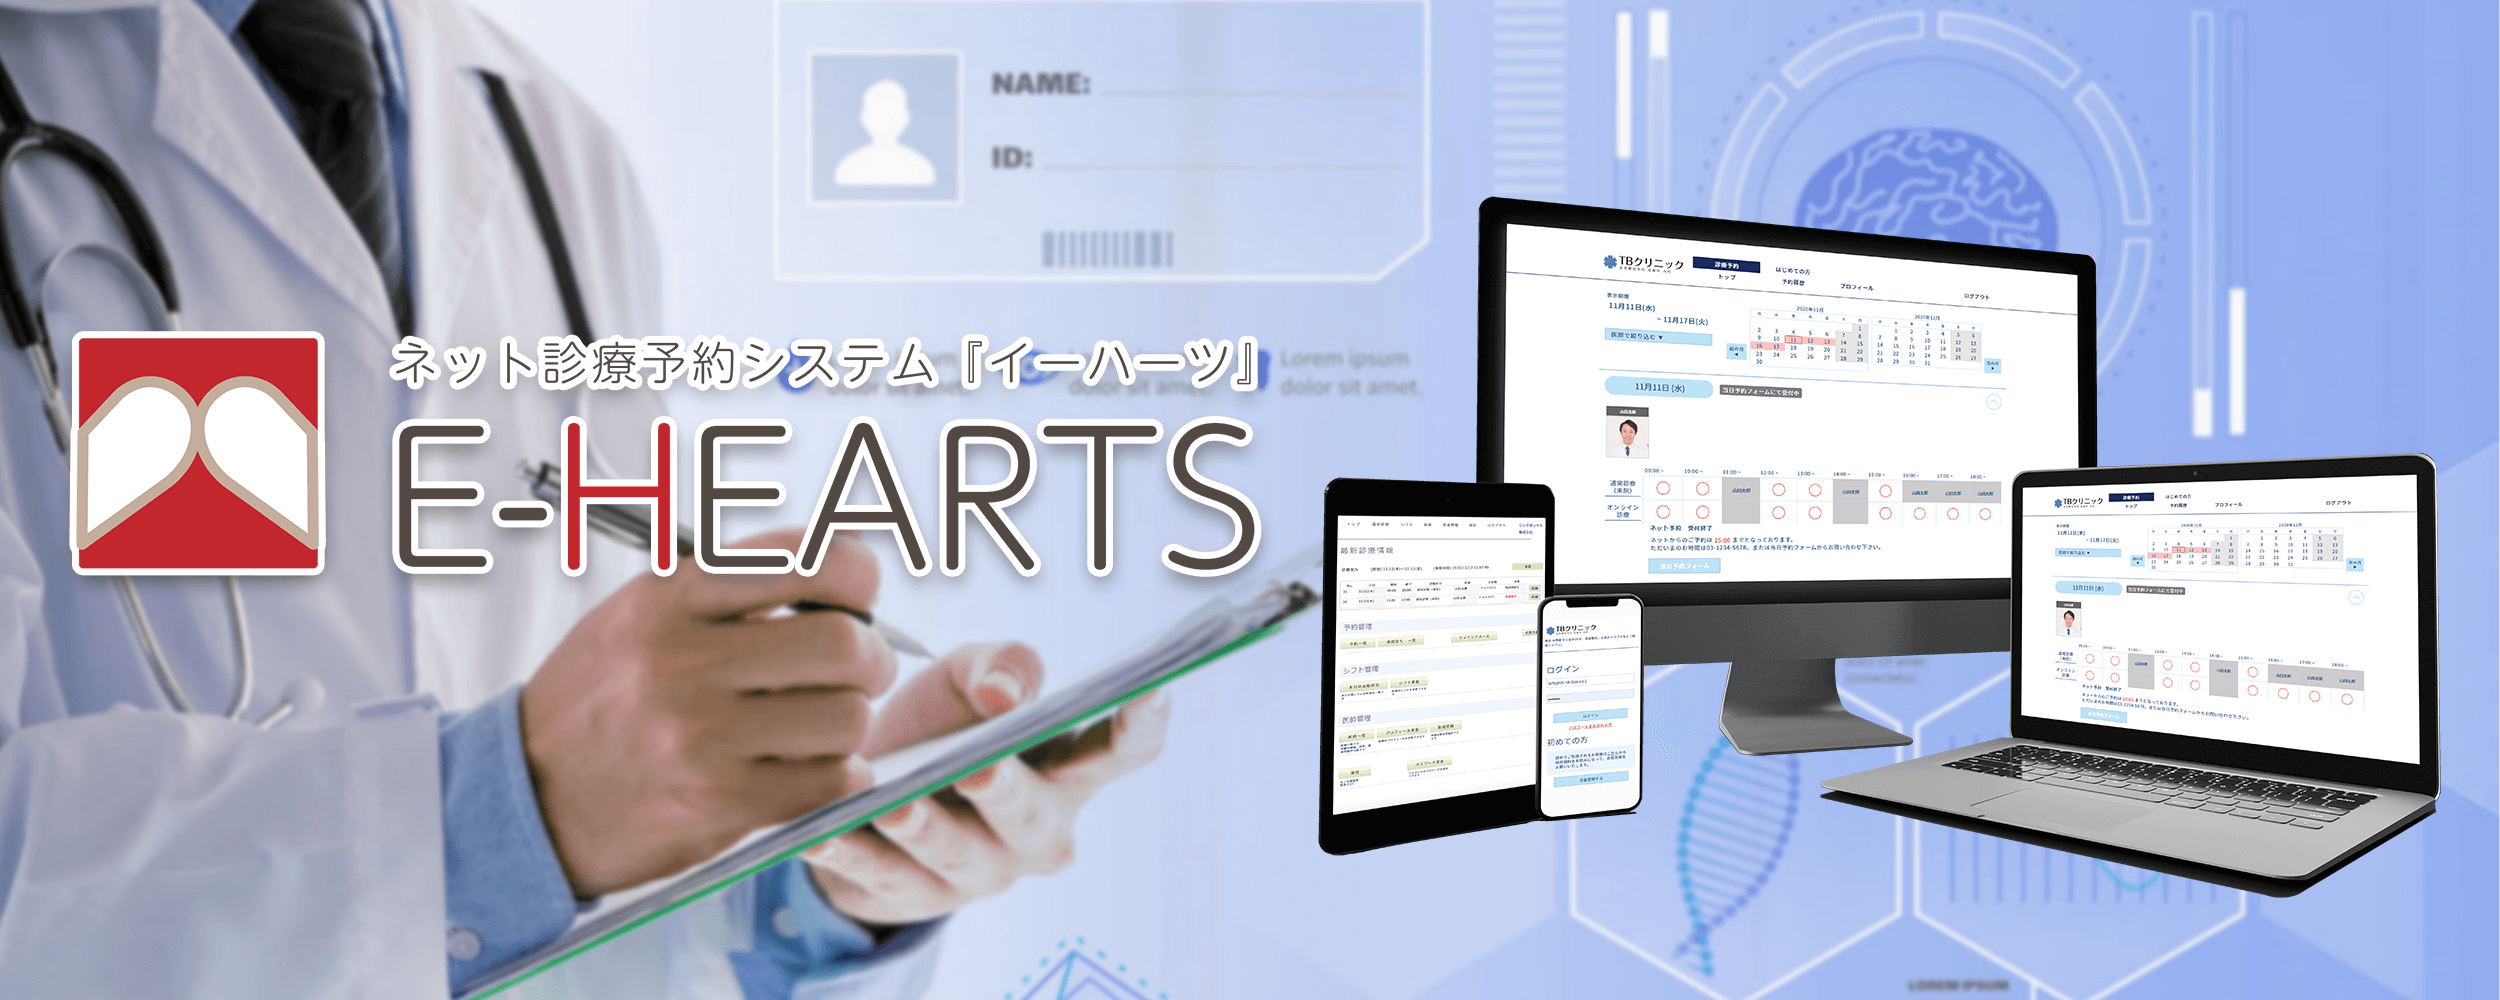 E-HEARTS-イーハーツ  診療予約システムの決定版